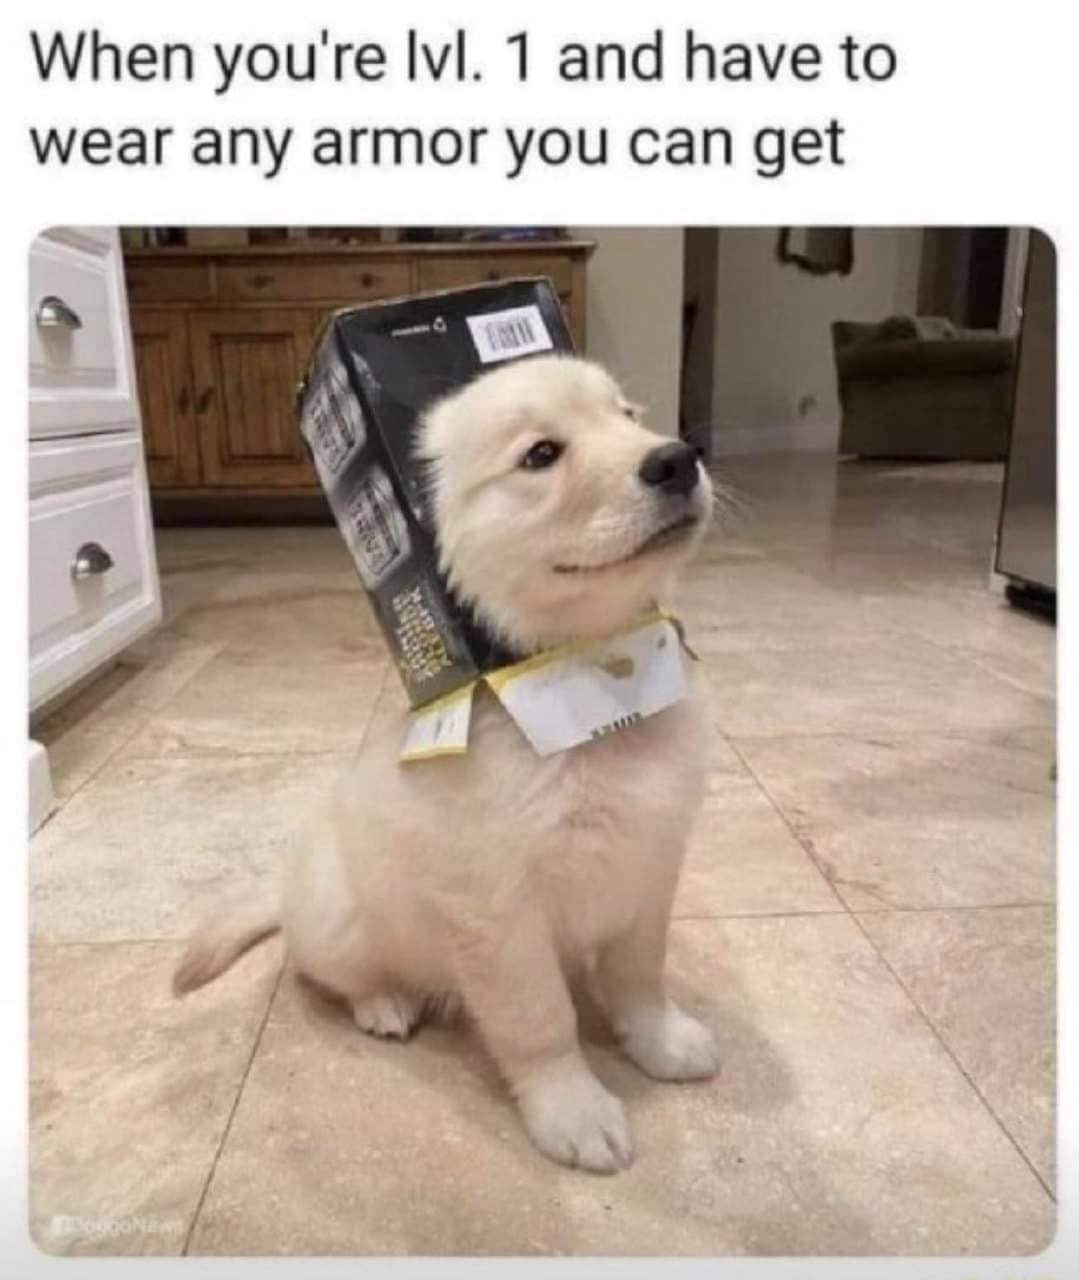 Memes RPG armor level one